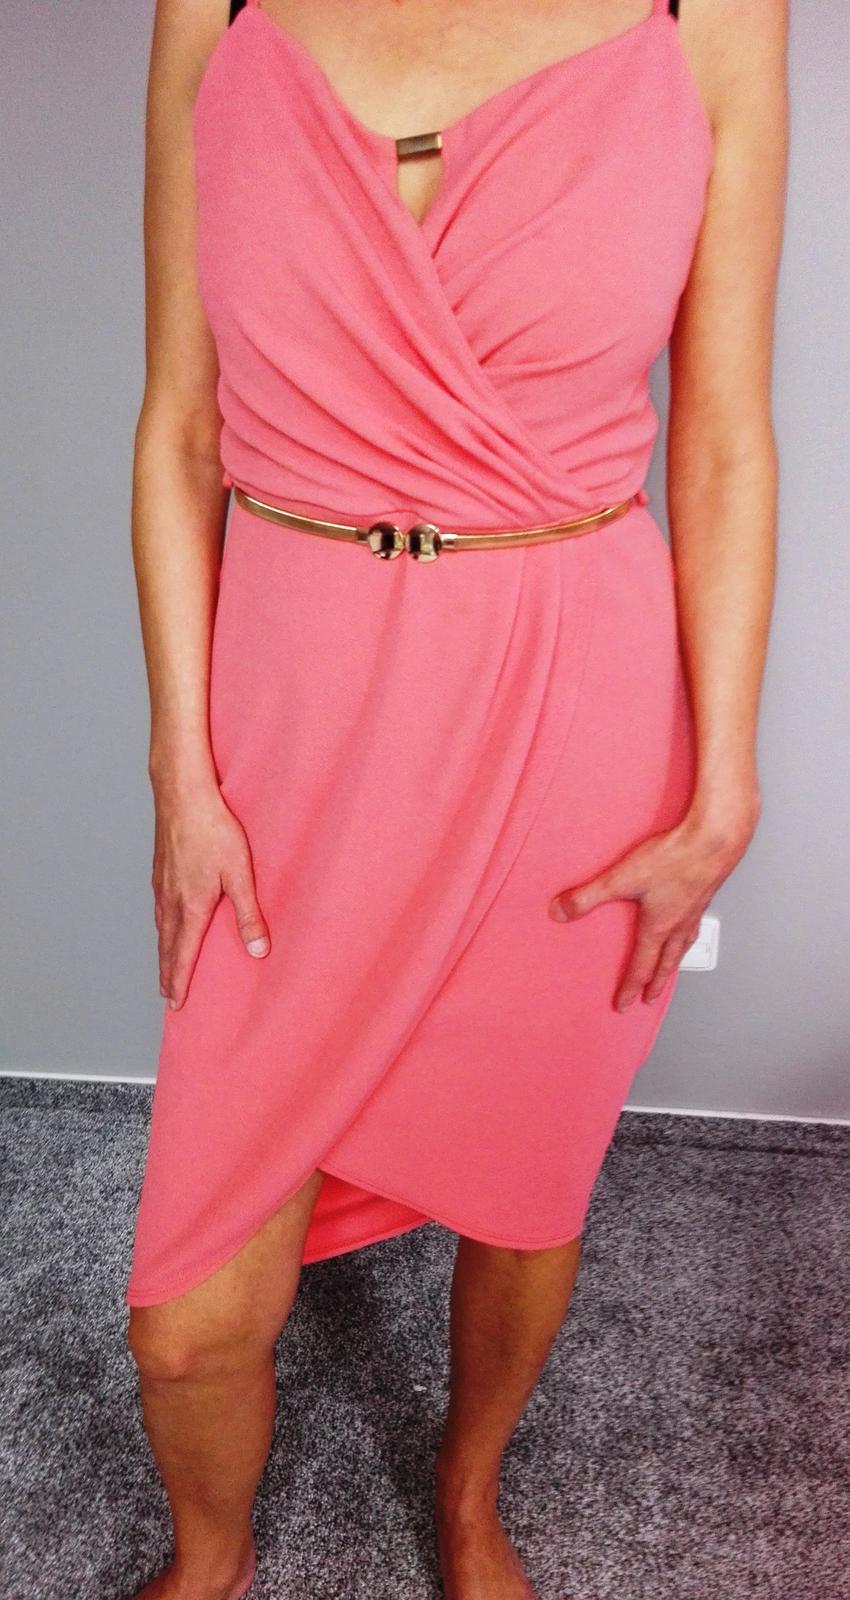 Tulipánové šaty s páskem - Obrázek č. 1